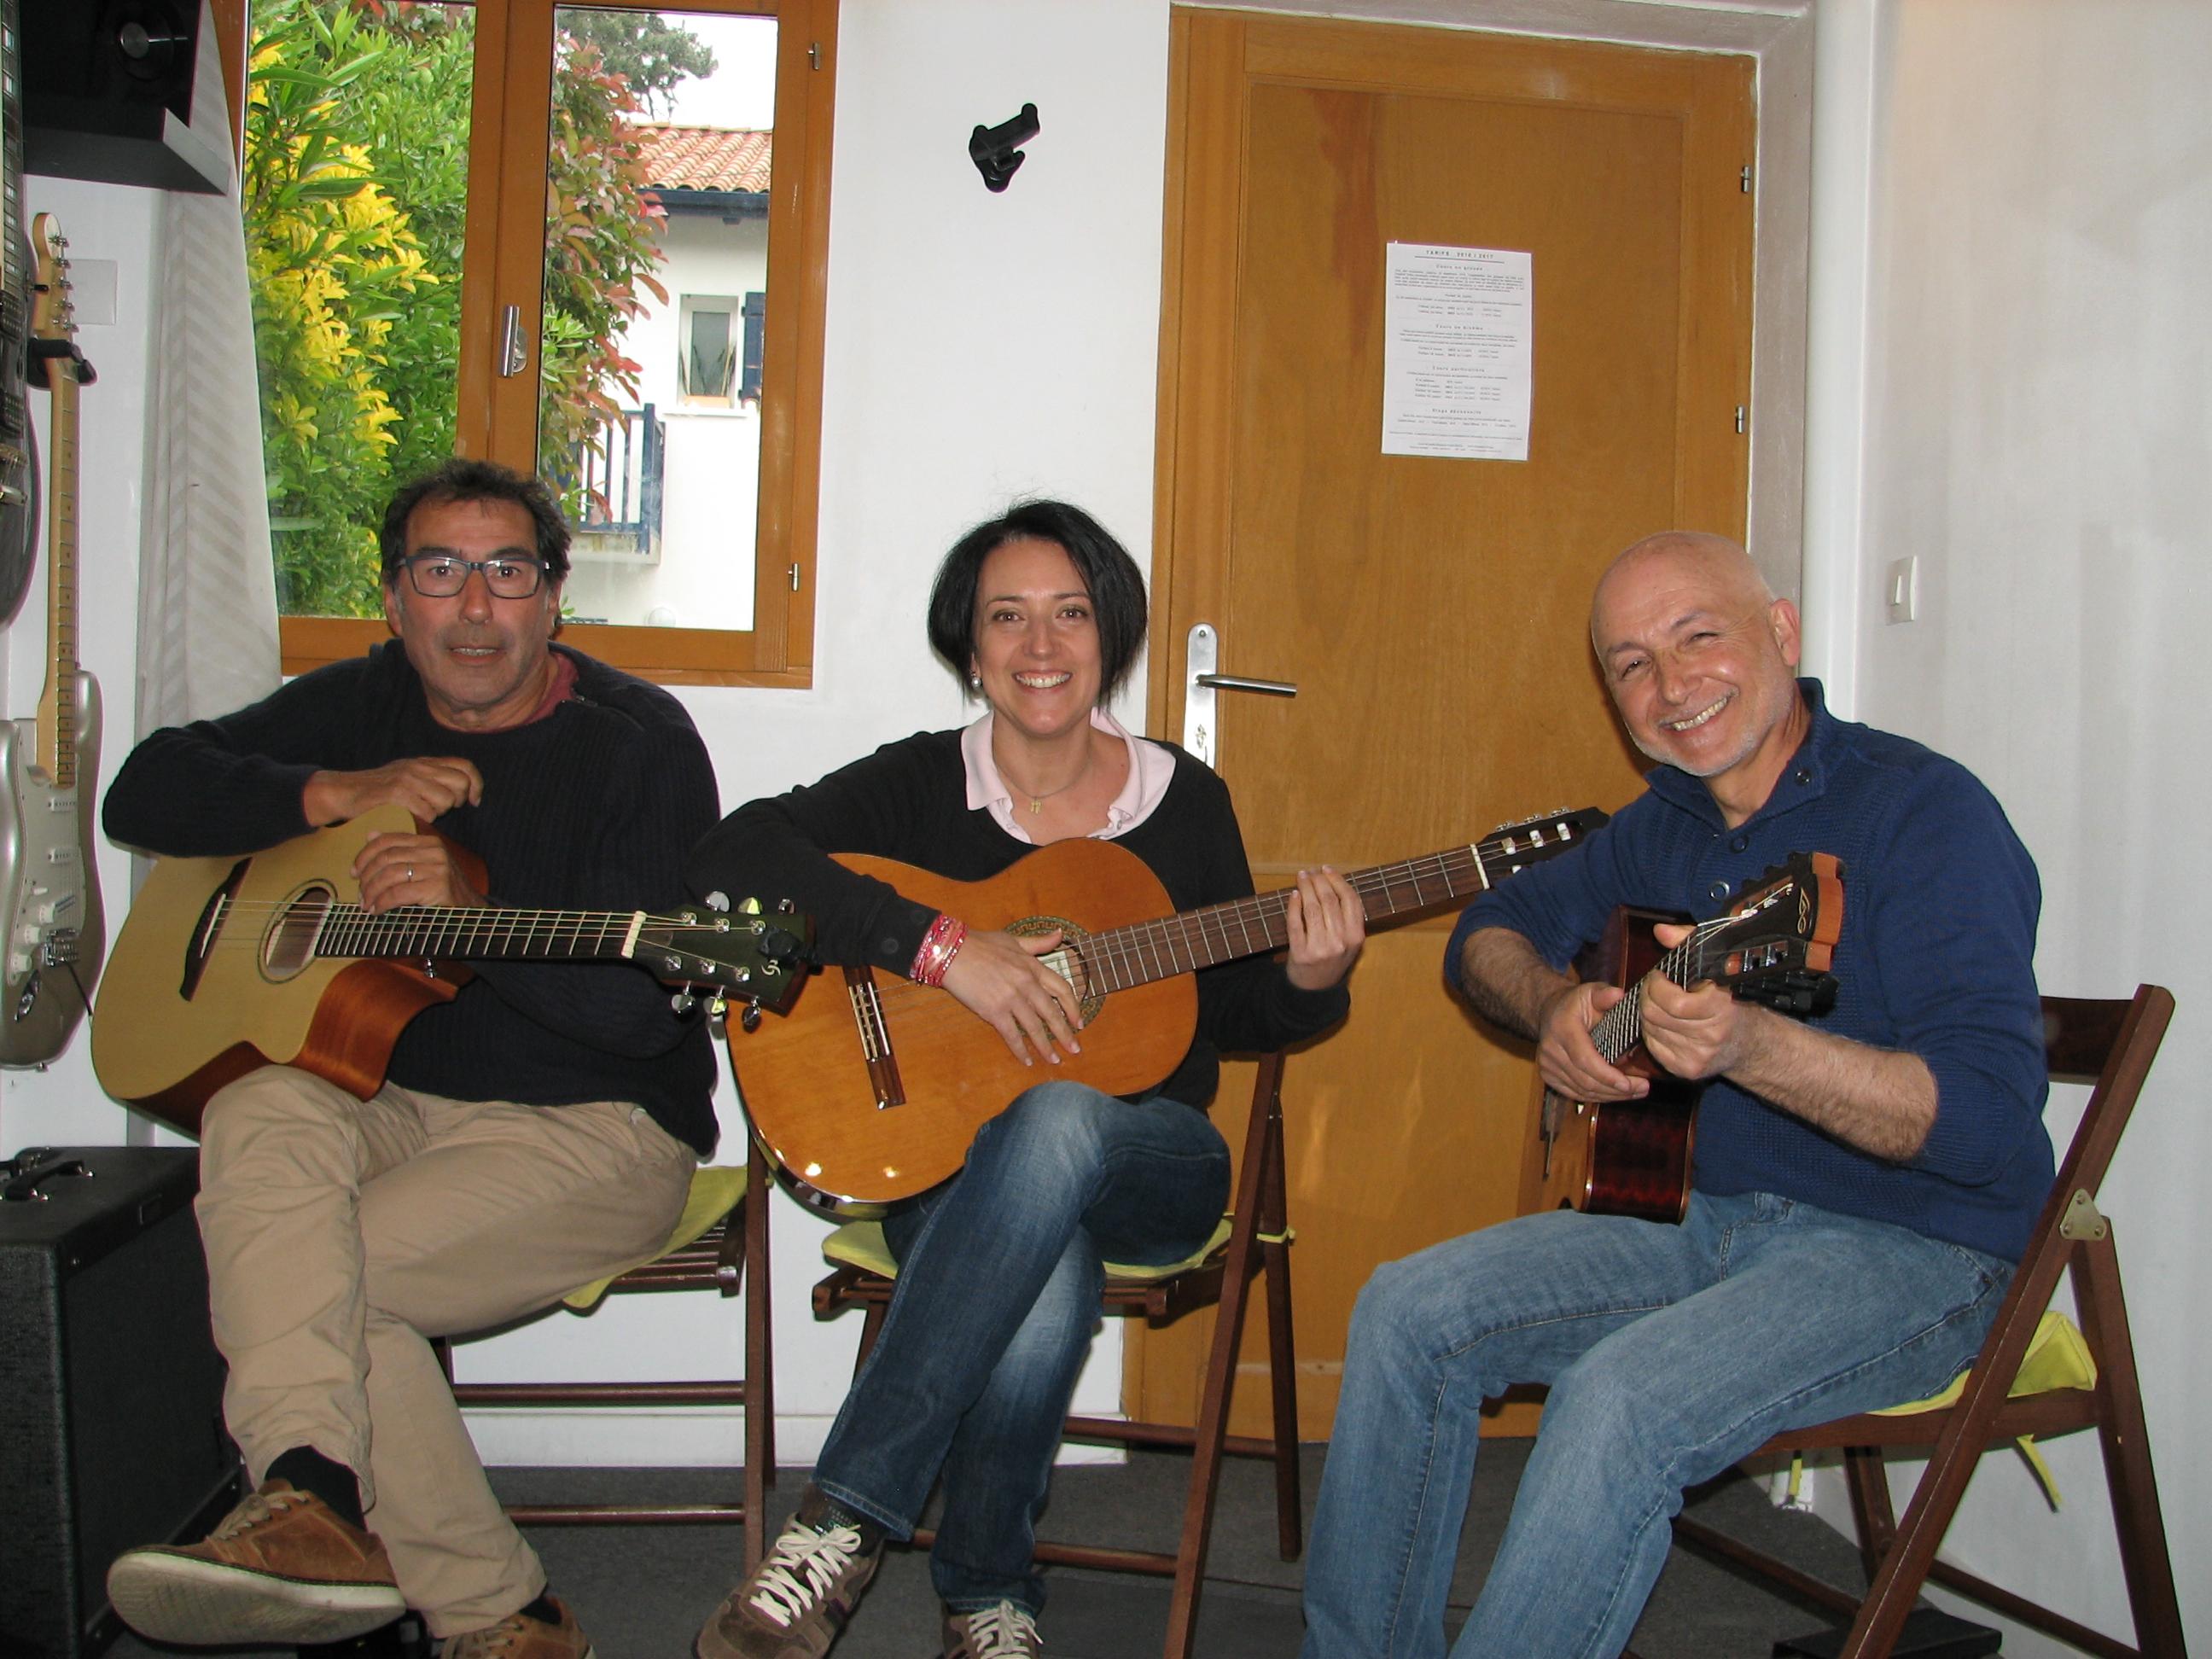 Aadel, Stéphanie et Albi.